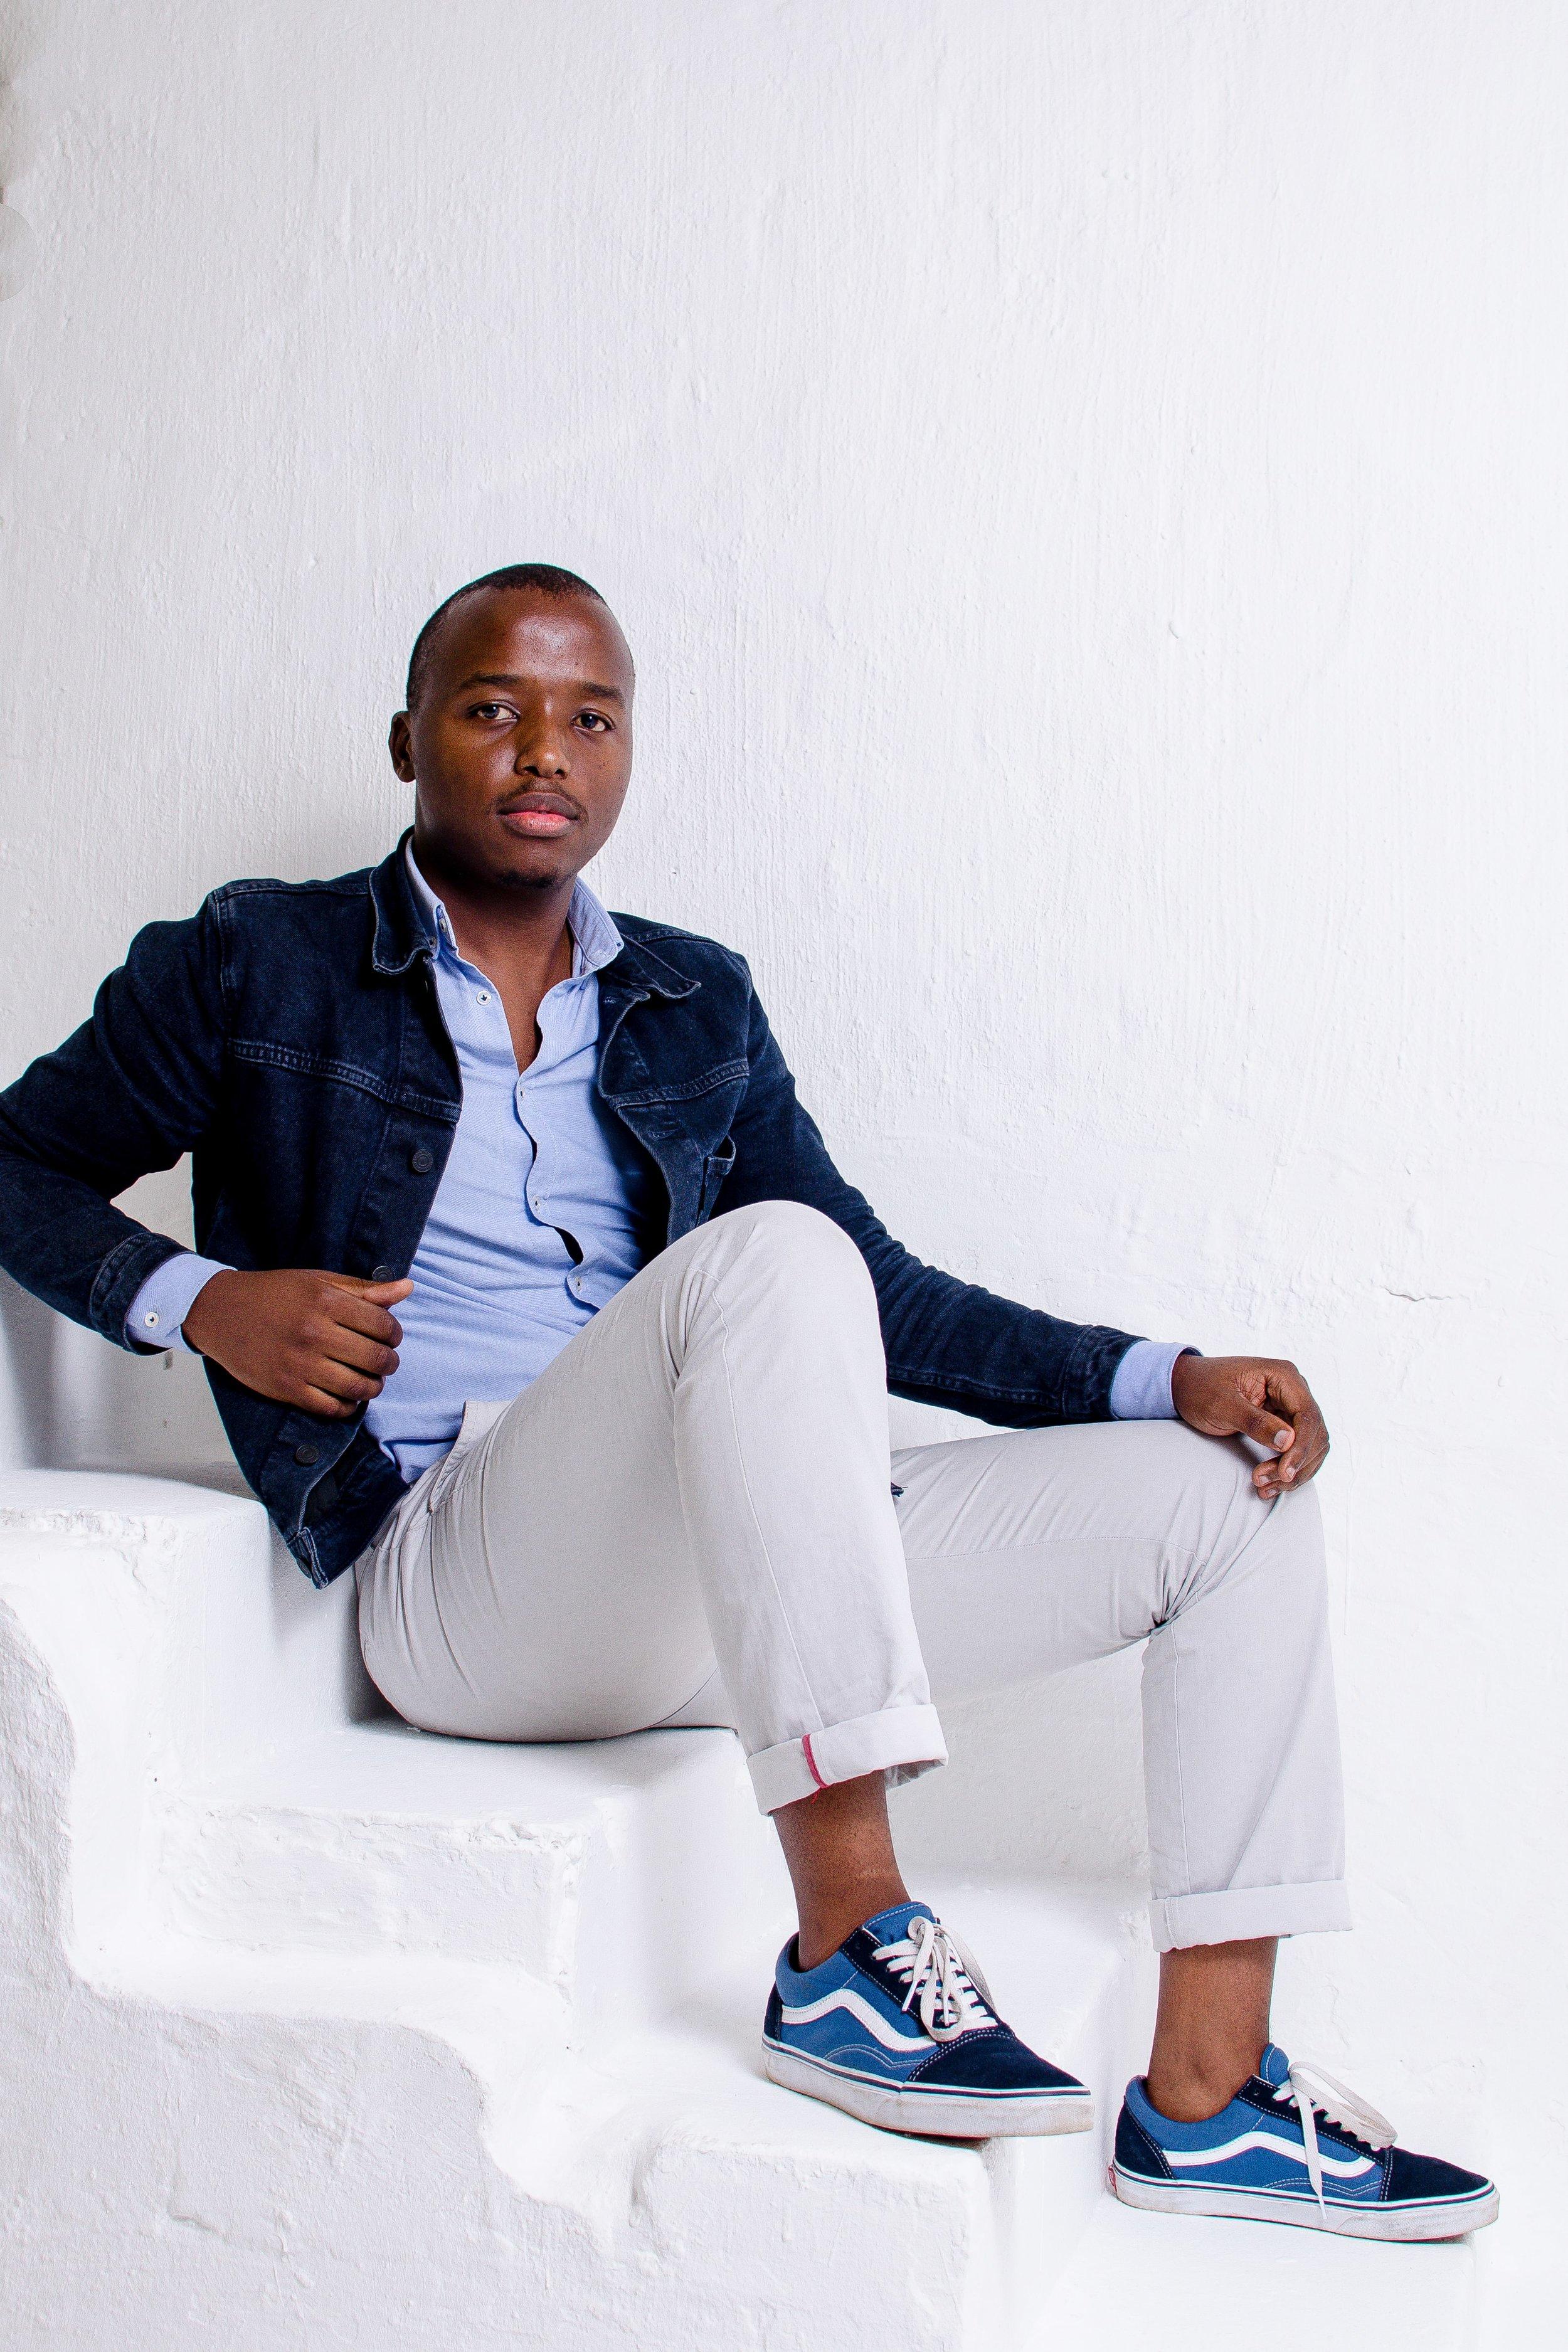 Siyanda Mbele, South African Furniture designer   photo by Njabulo Magubane